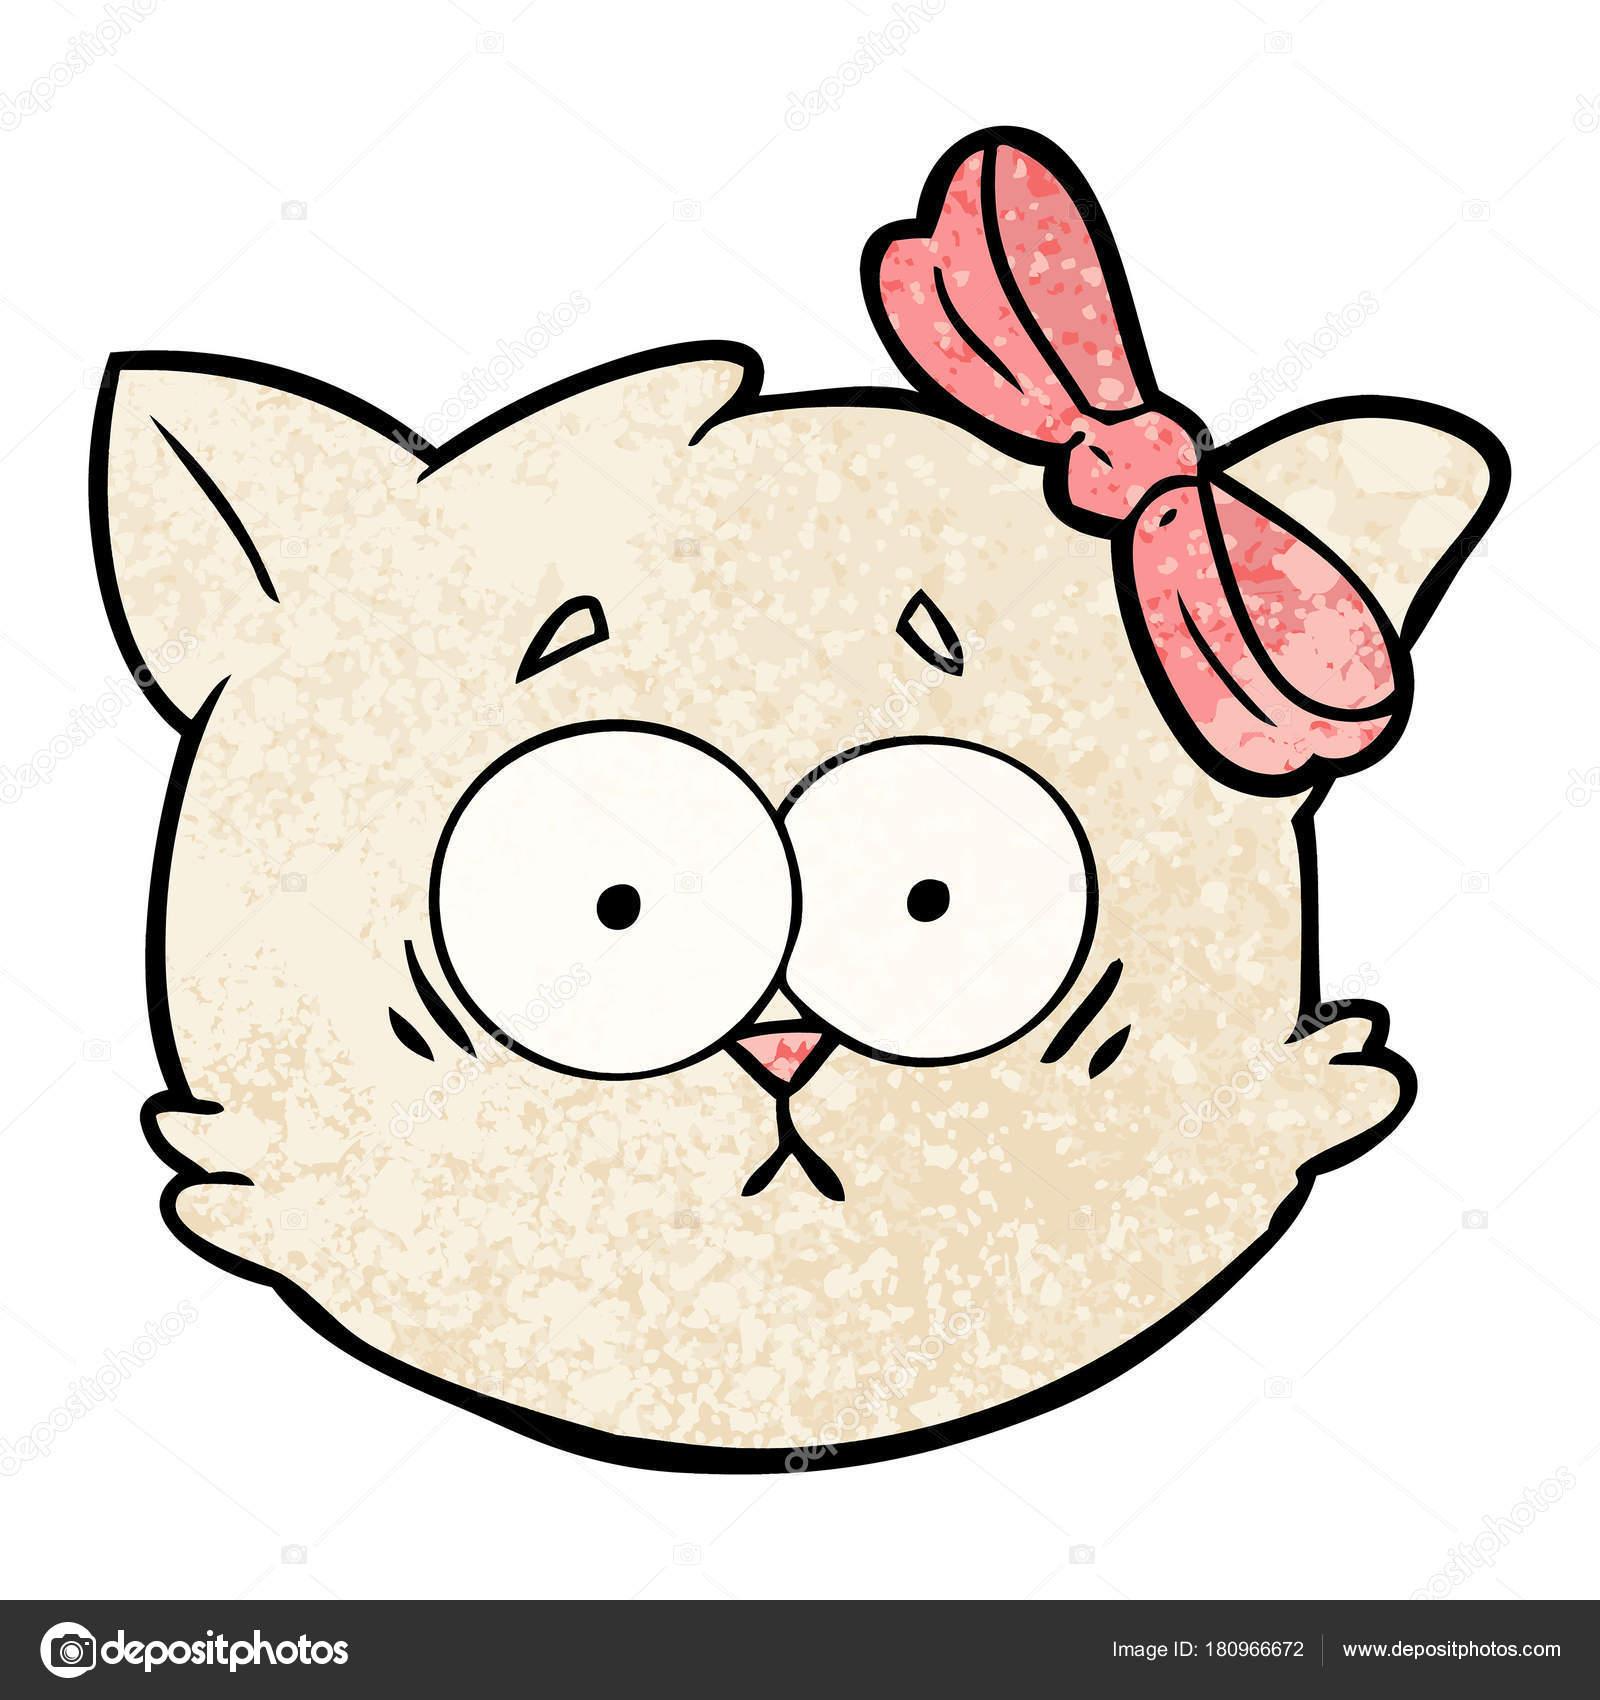 Dibujos Gatitos Tiernos Cara Gato Dibujos Animados Preocupado